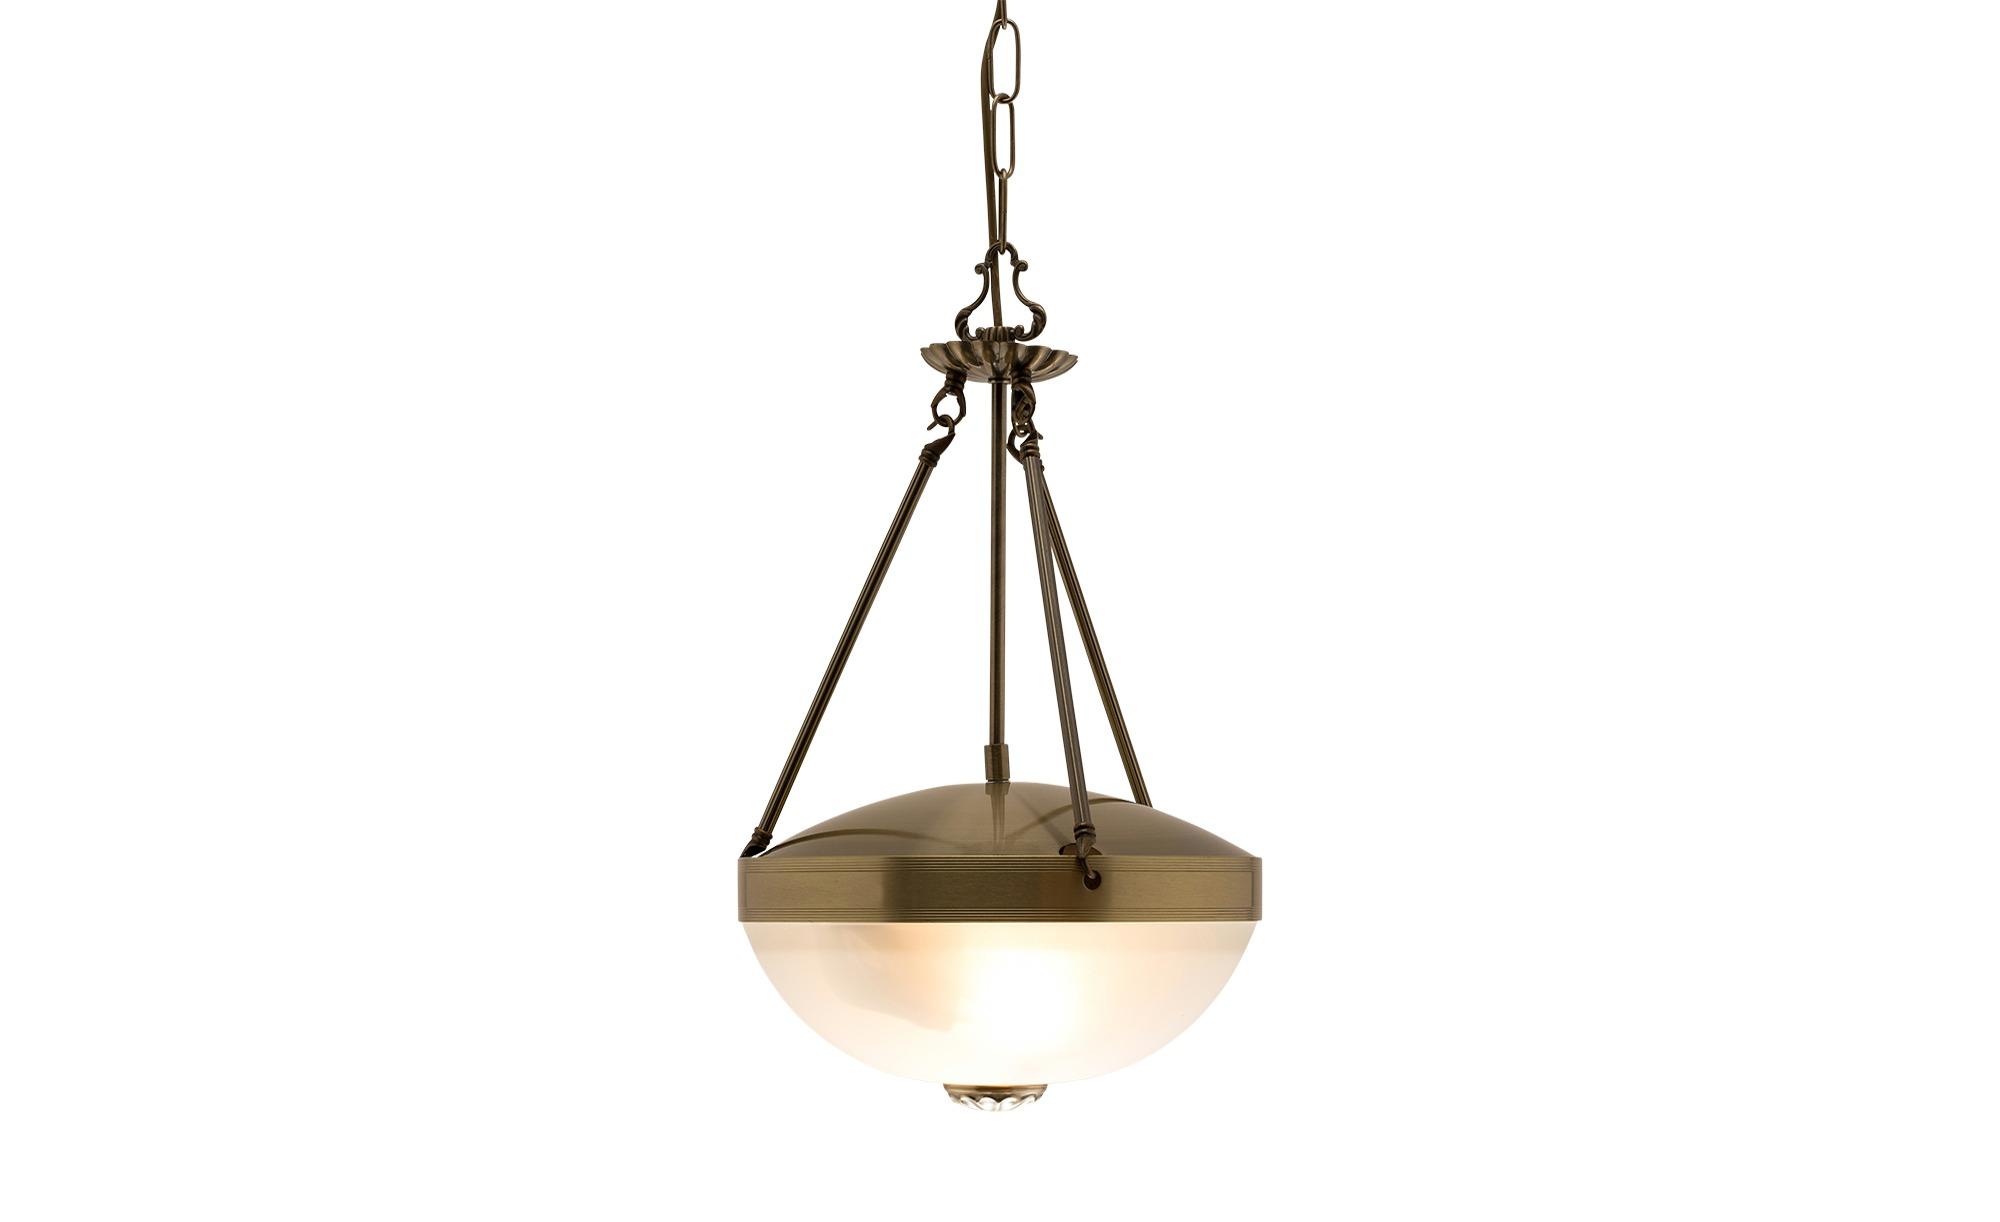 Pendelleuchte mit geschlossenem Lampenschirm von KHG